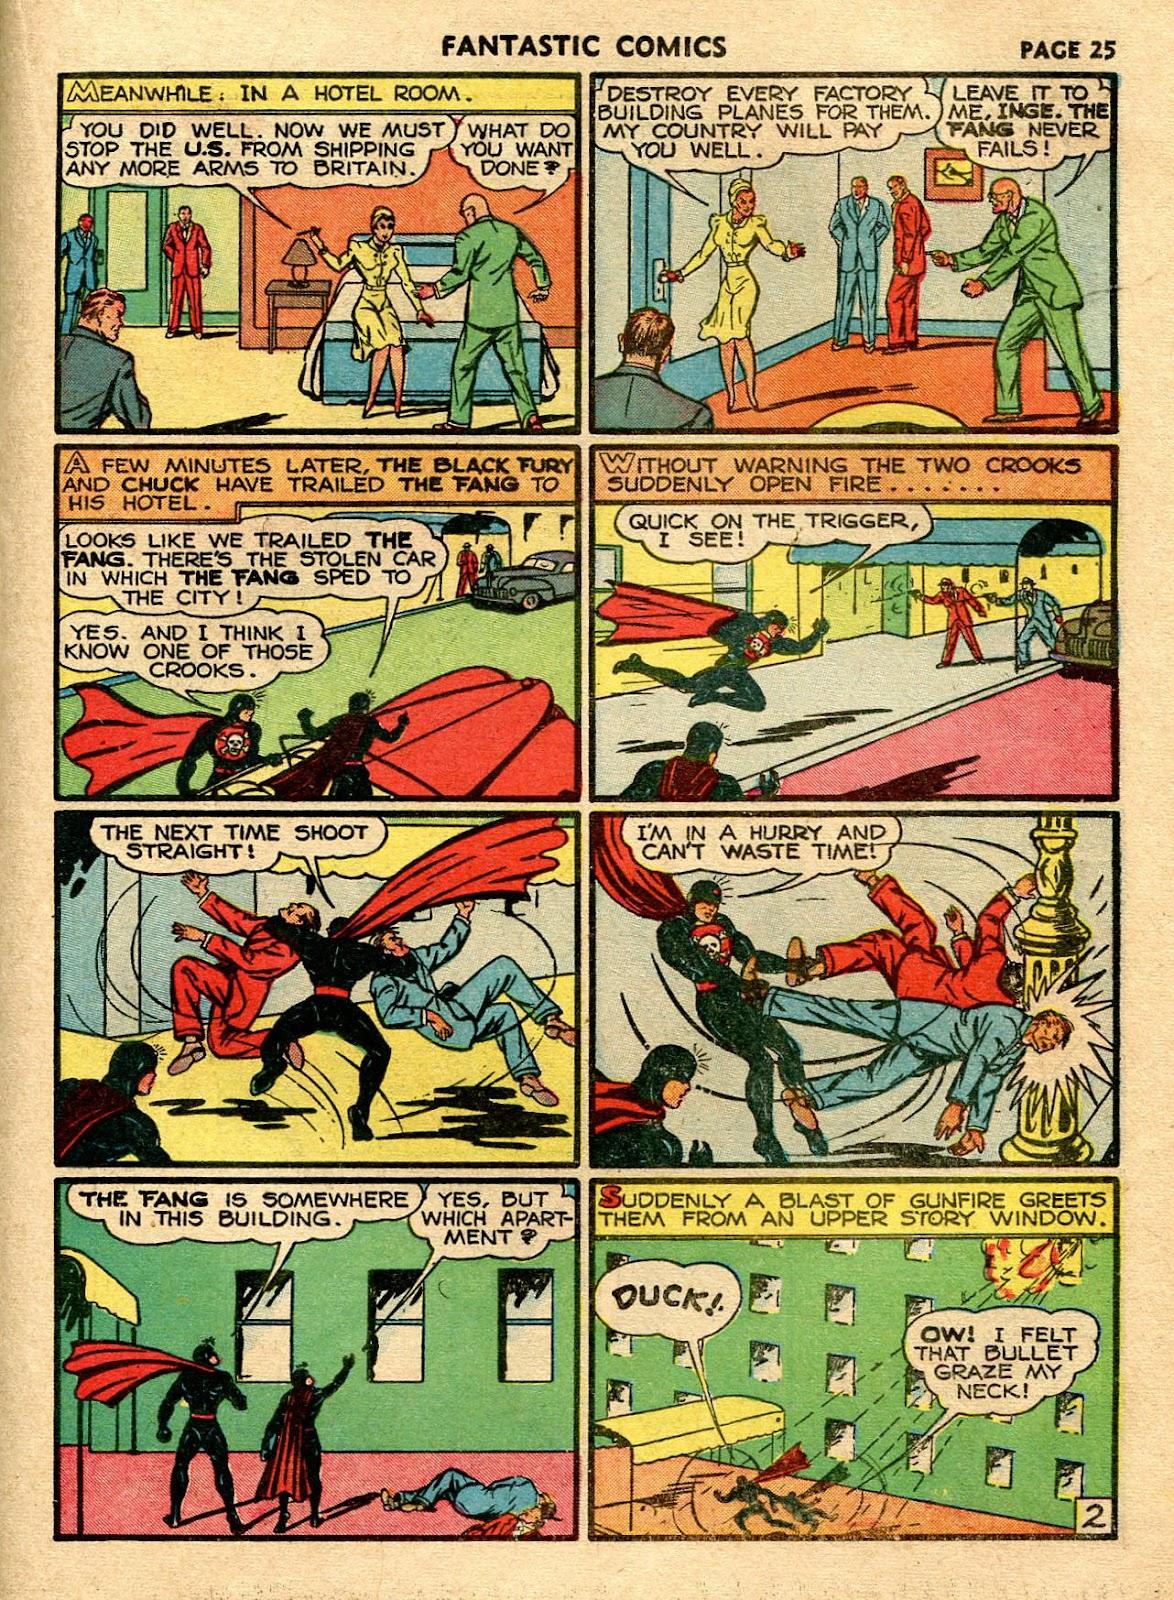 Read online Fantastic Comics comic -  Issue #21 - 27